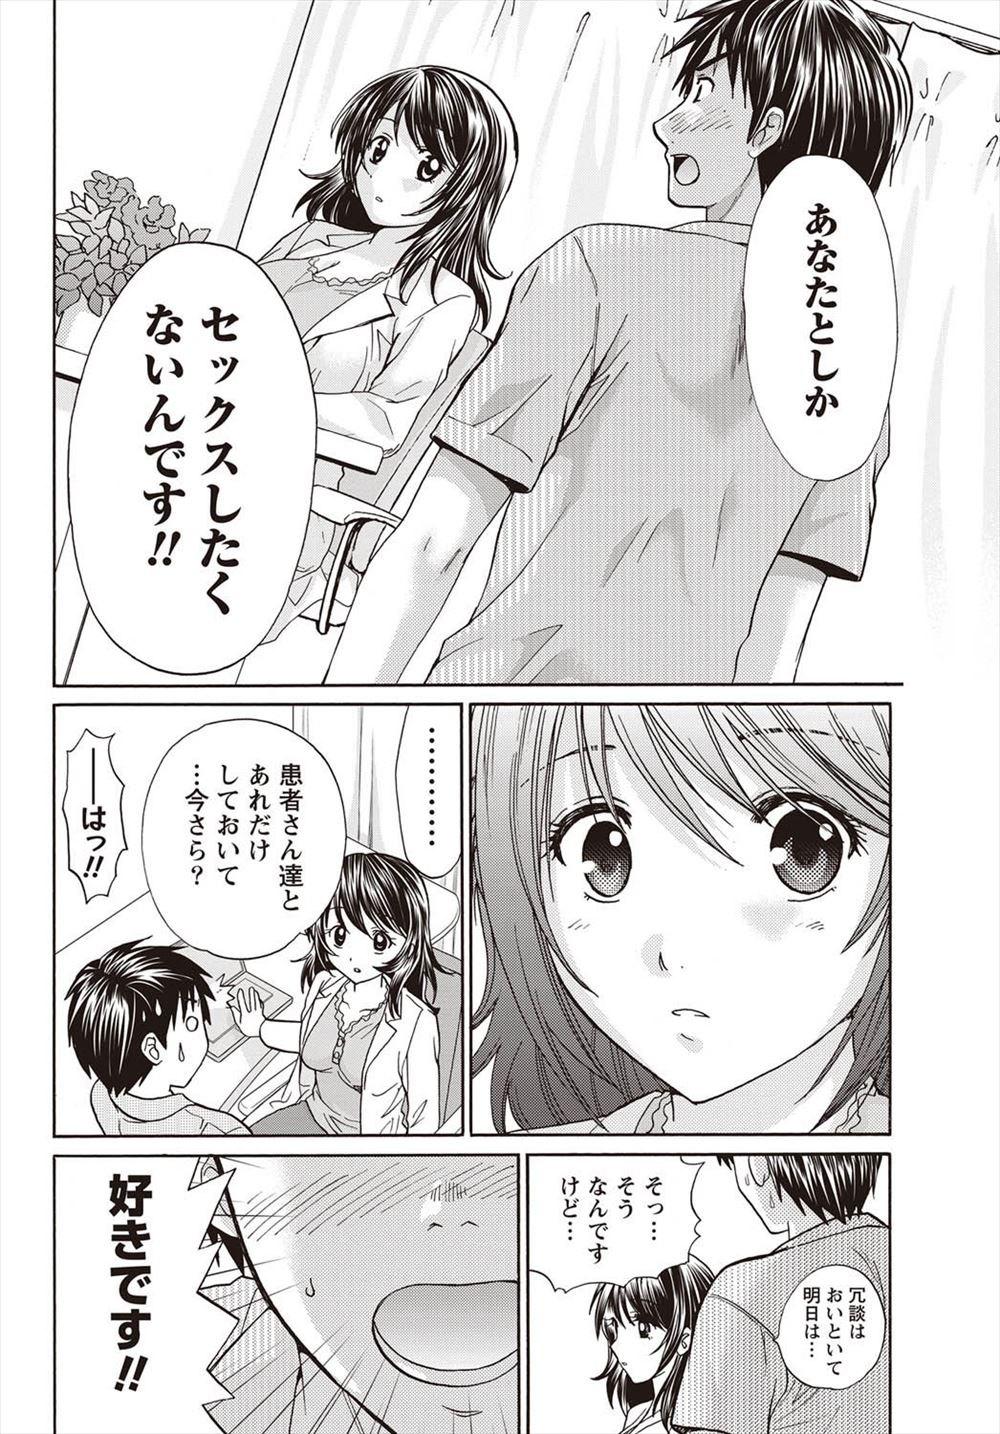 【エロ漫画同人誌】クリニックに来たセックス依存症女を治す、ってことで3Pセックスで問題解決する恋華さんwwww 014